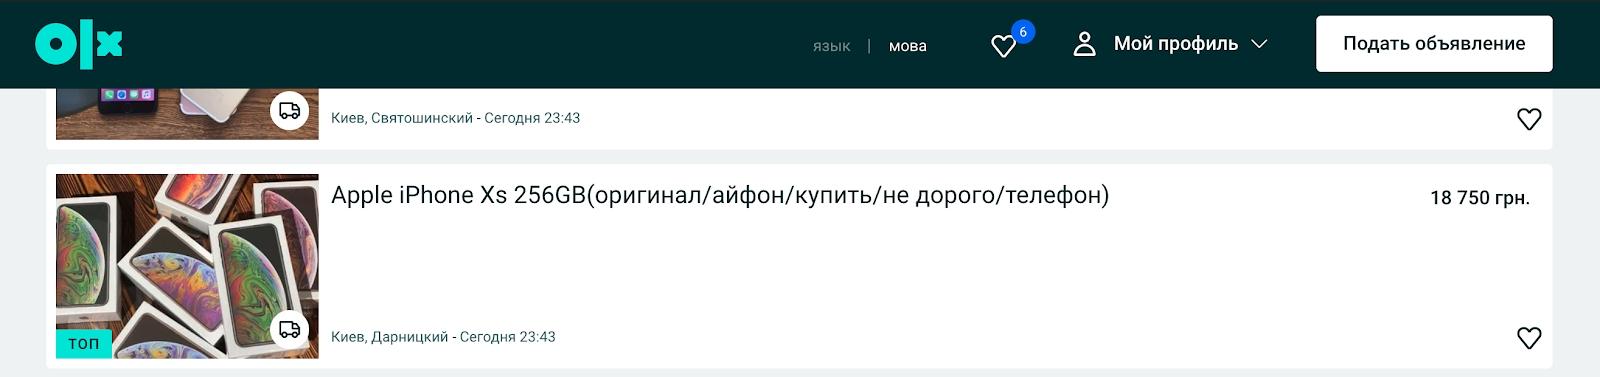 Ошибки в дизайне нового сайта OLX